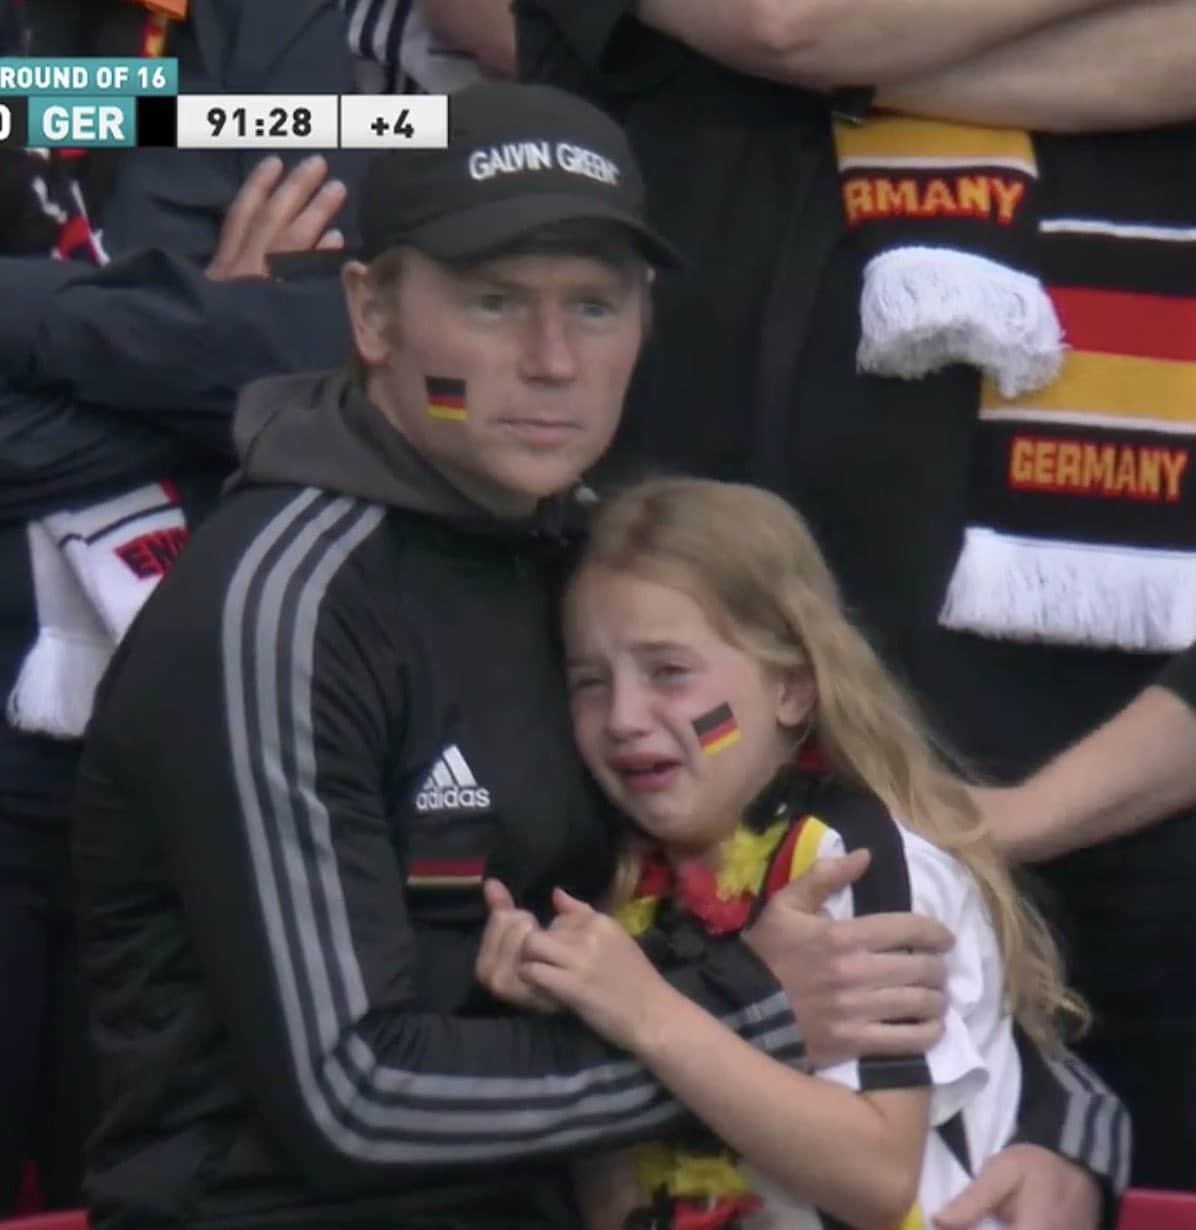 بكاء طفلة ألمانية في اليورو تثير سخرية مشجعي منتخب إنجلترا (شاهد)